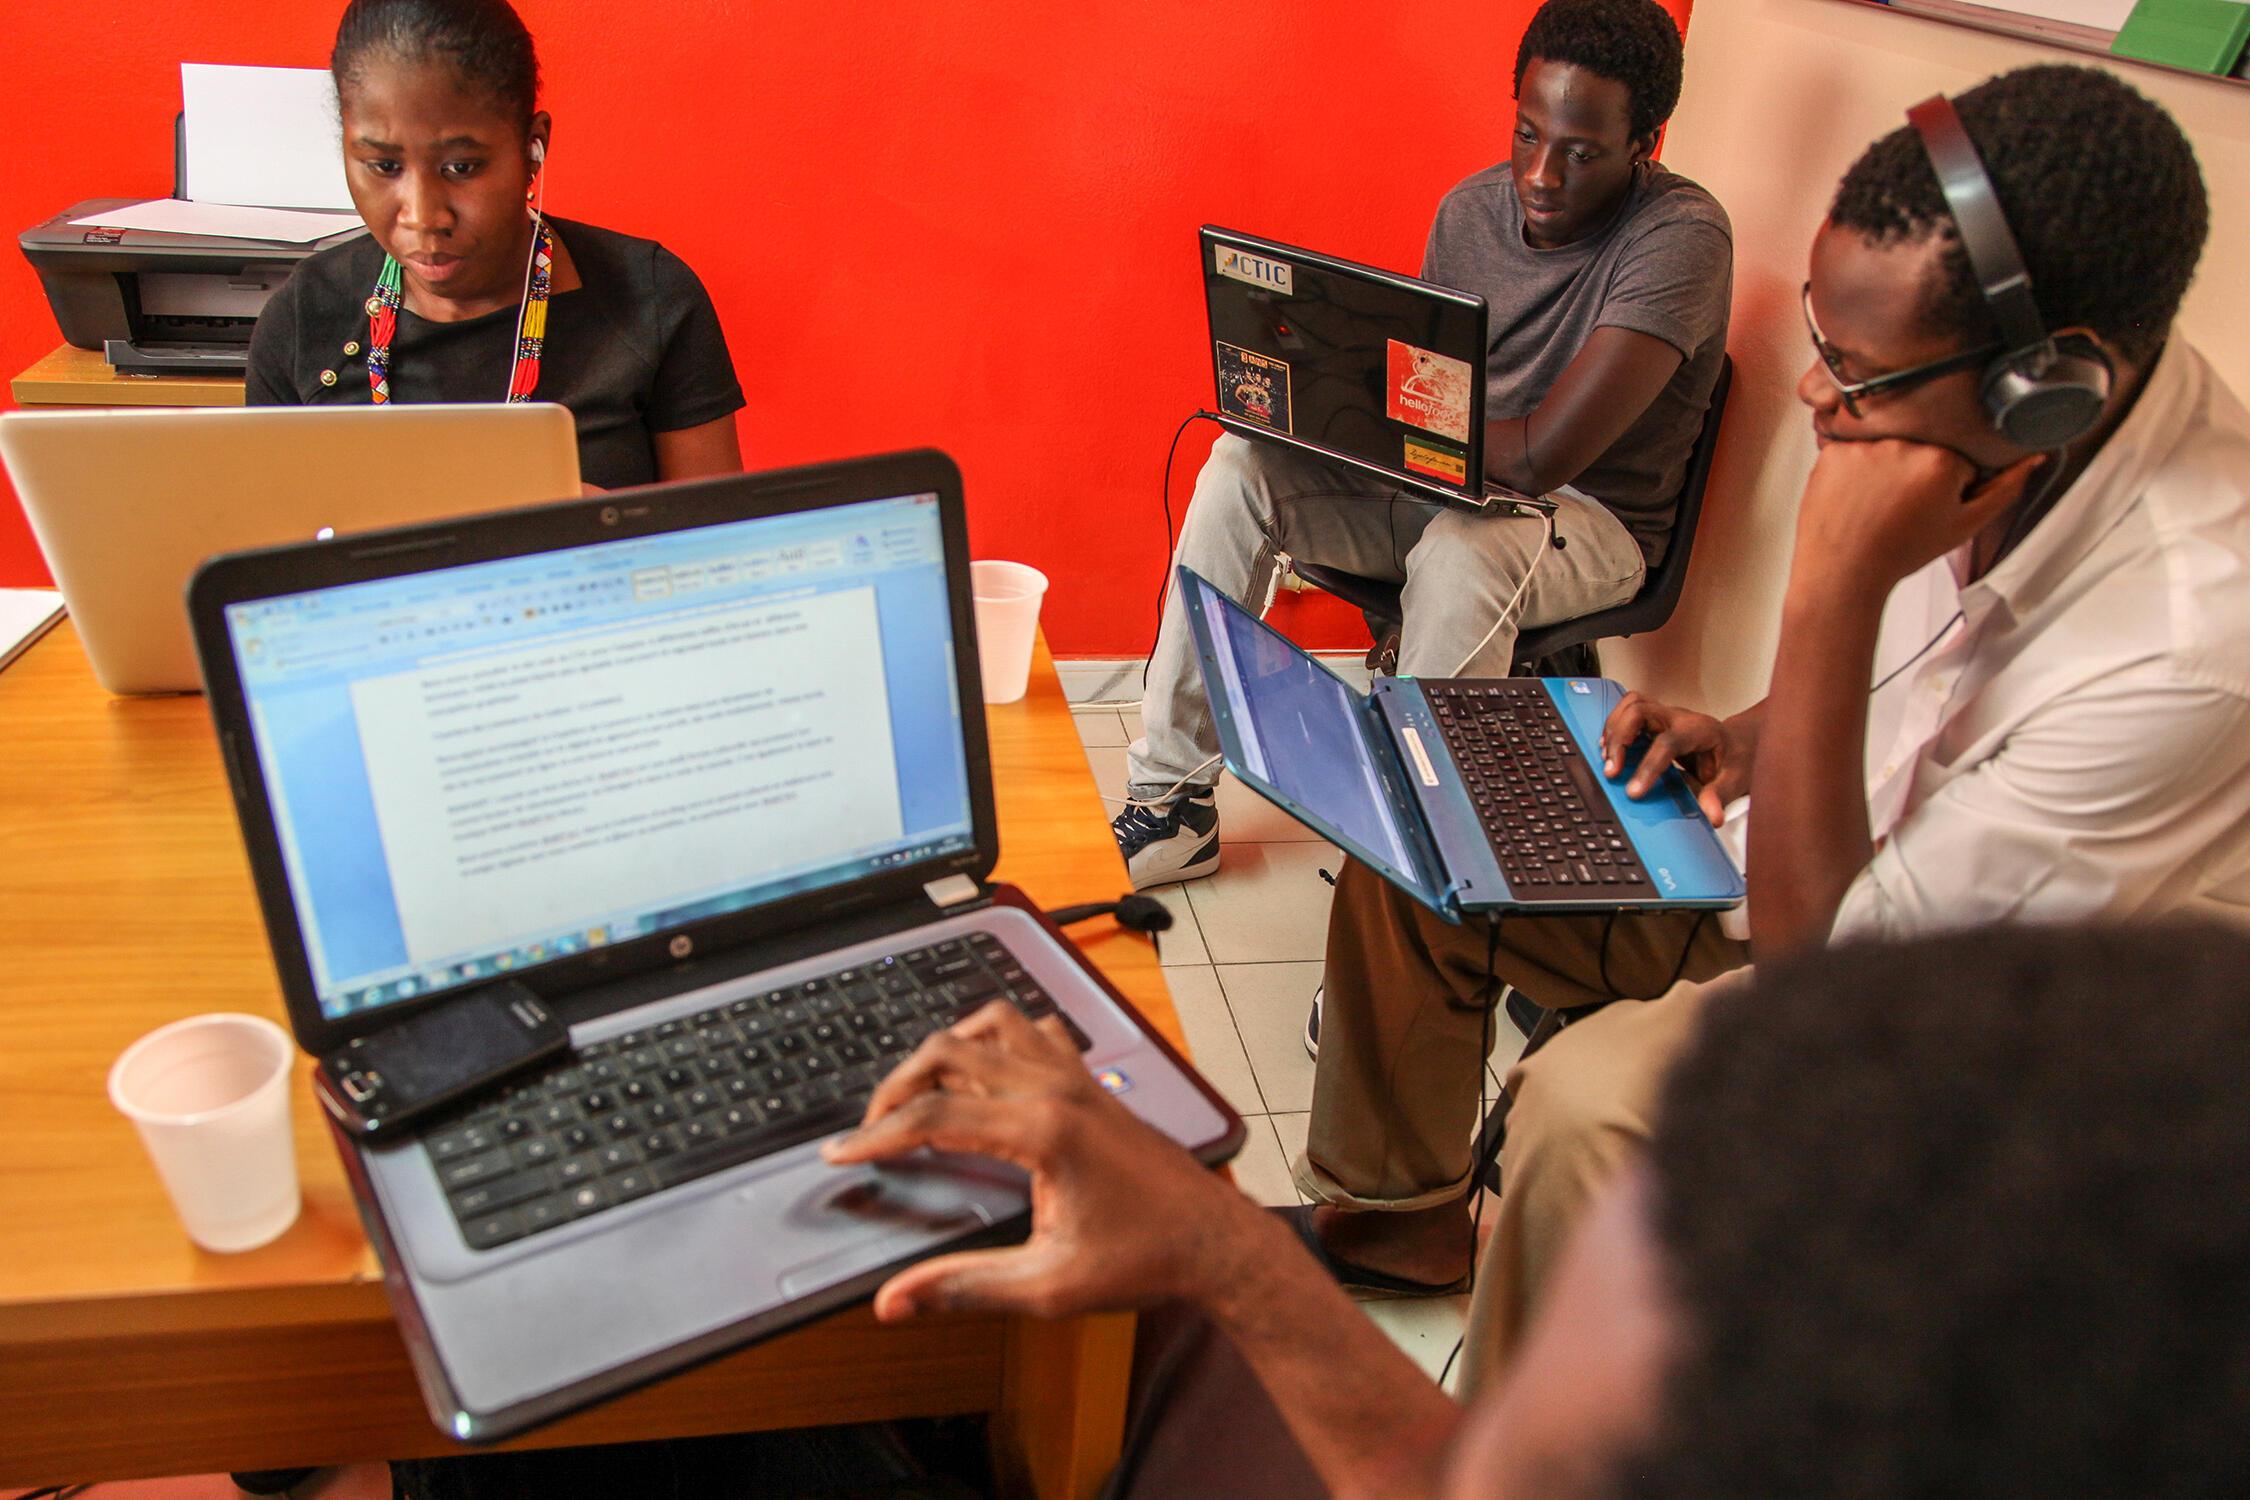 Dans les locaux de By Filling, l'équipe dirigée par Mohammed Diallo fait de la «conversation digitale», et du marketing en ligne.